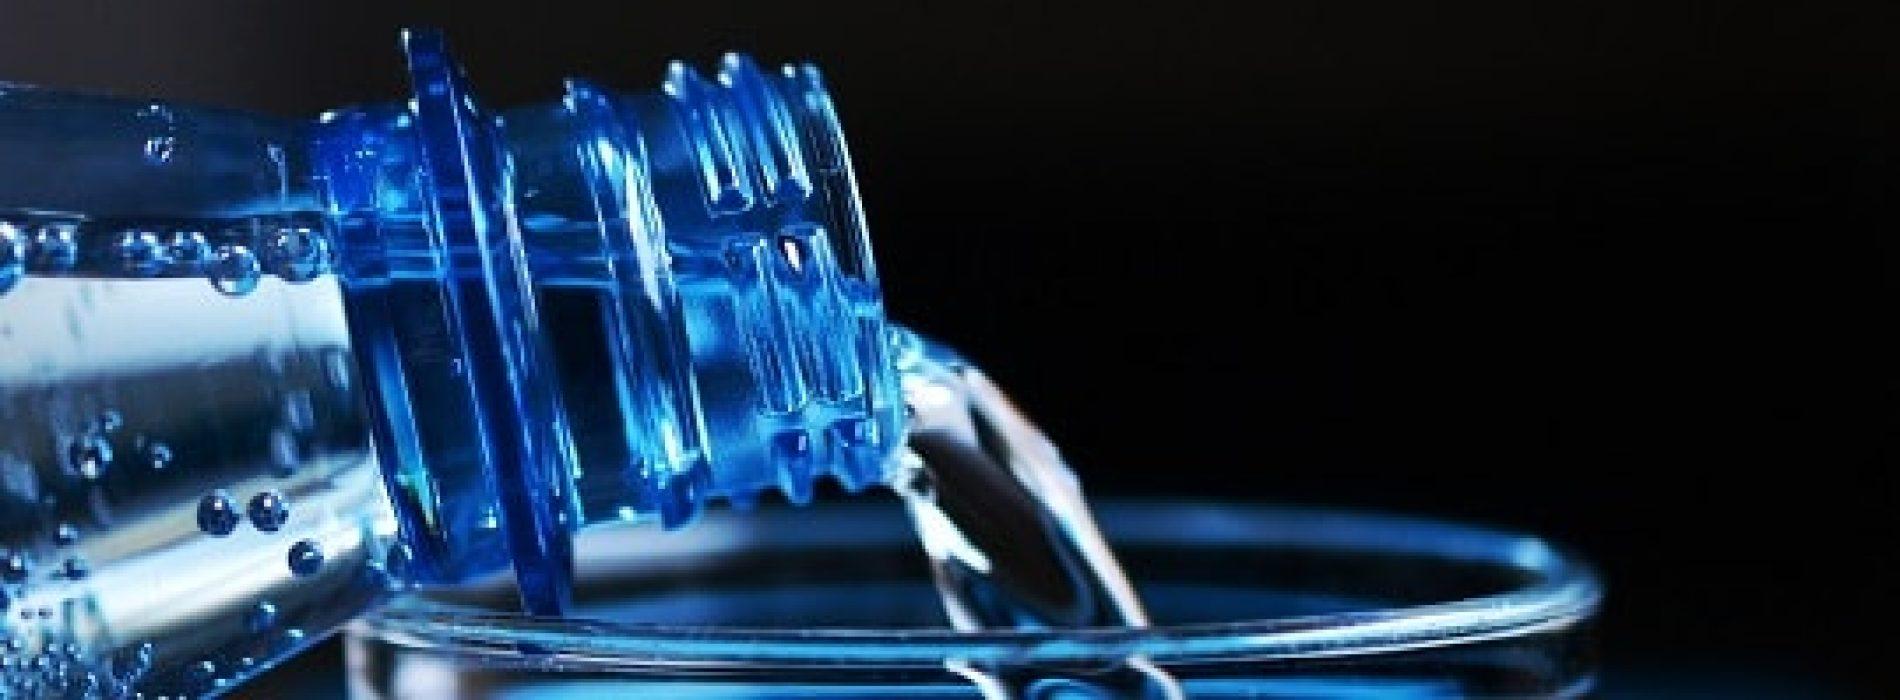 Vann på flaske – mineralvann eller kildevann?